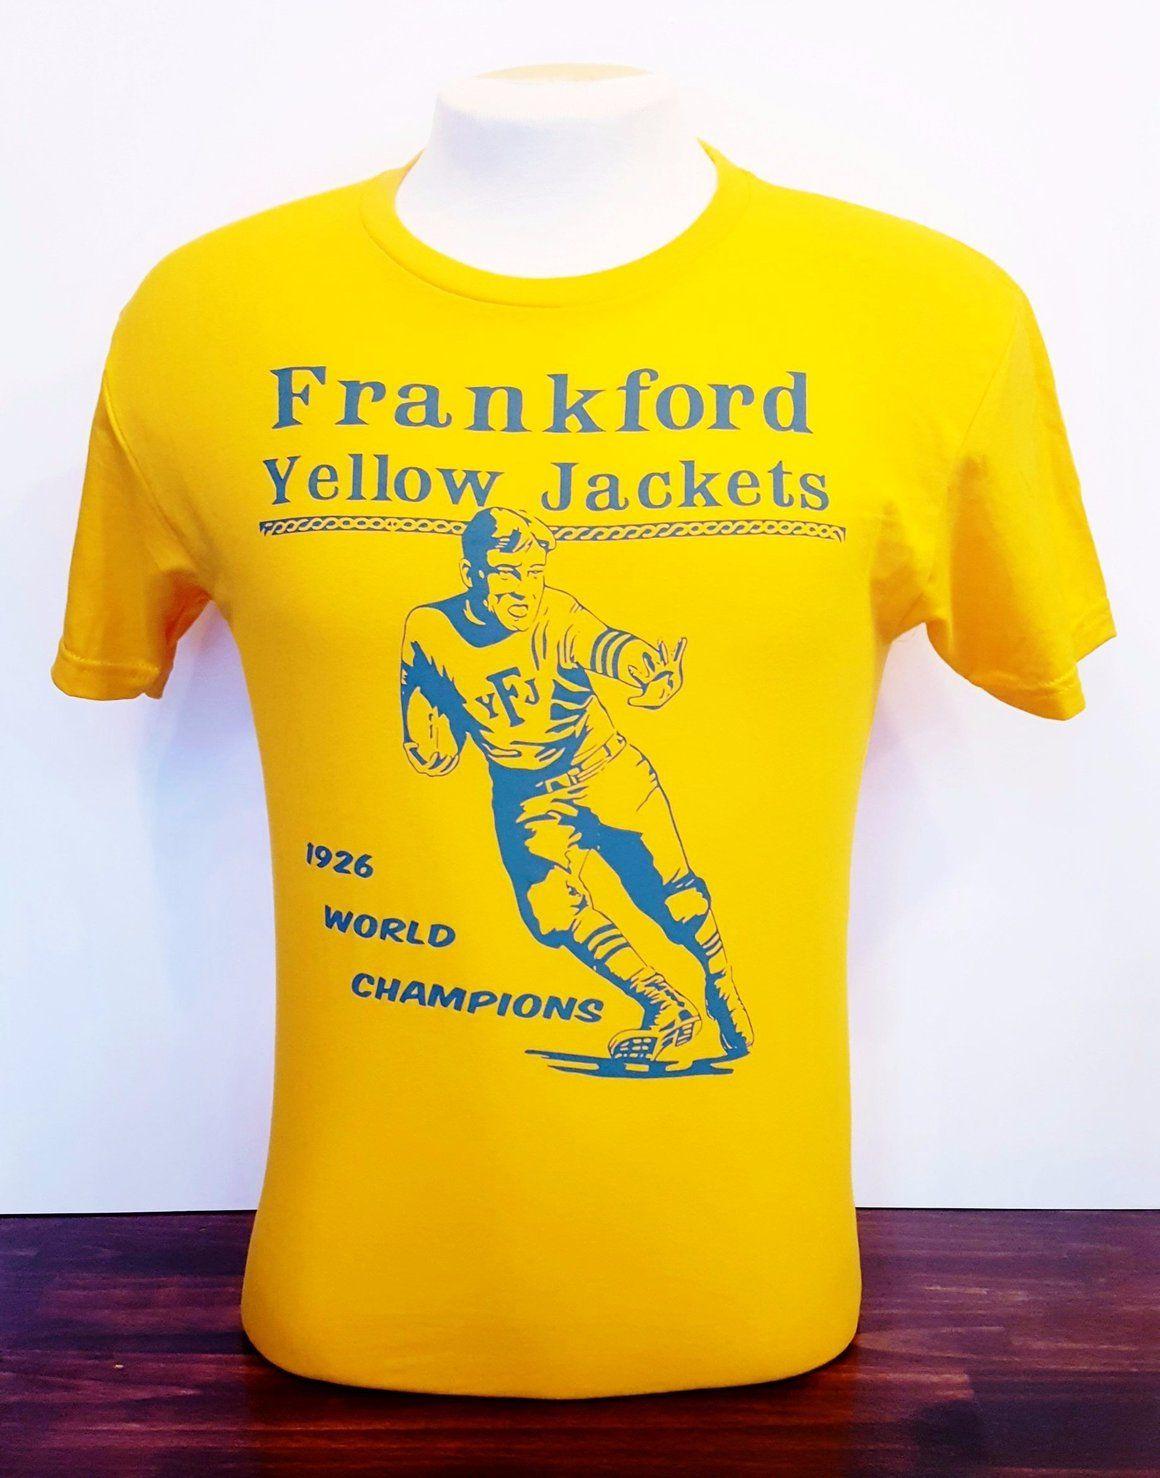 Frankford Yellow Jackets Tshirt Shirts, Team t shirts